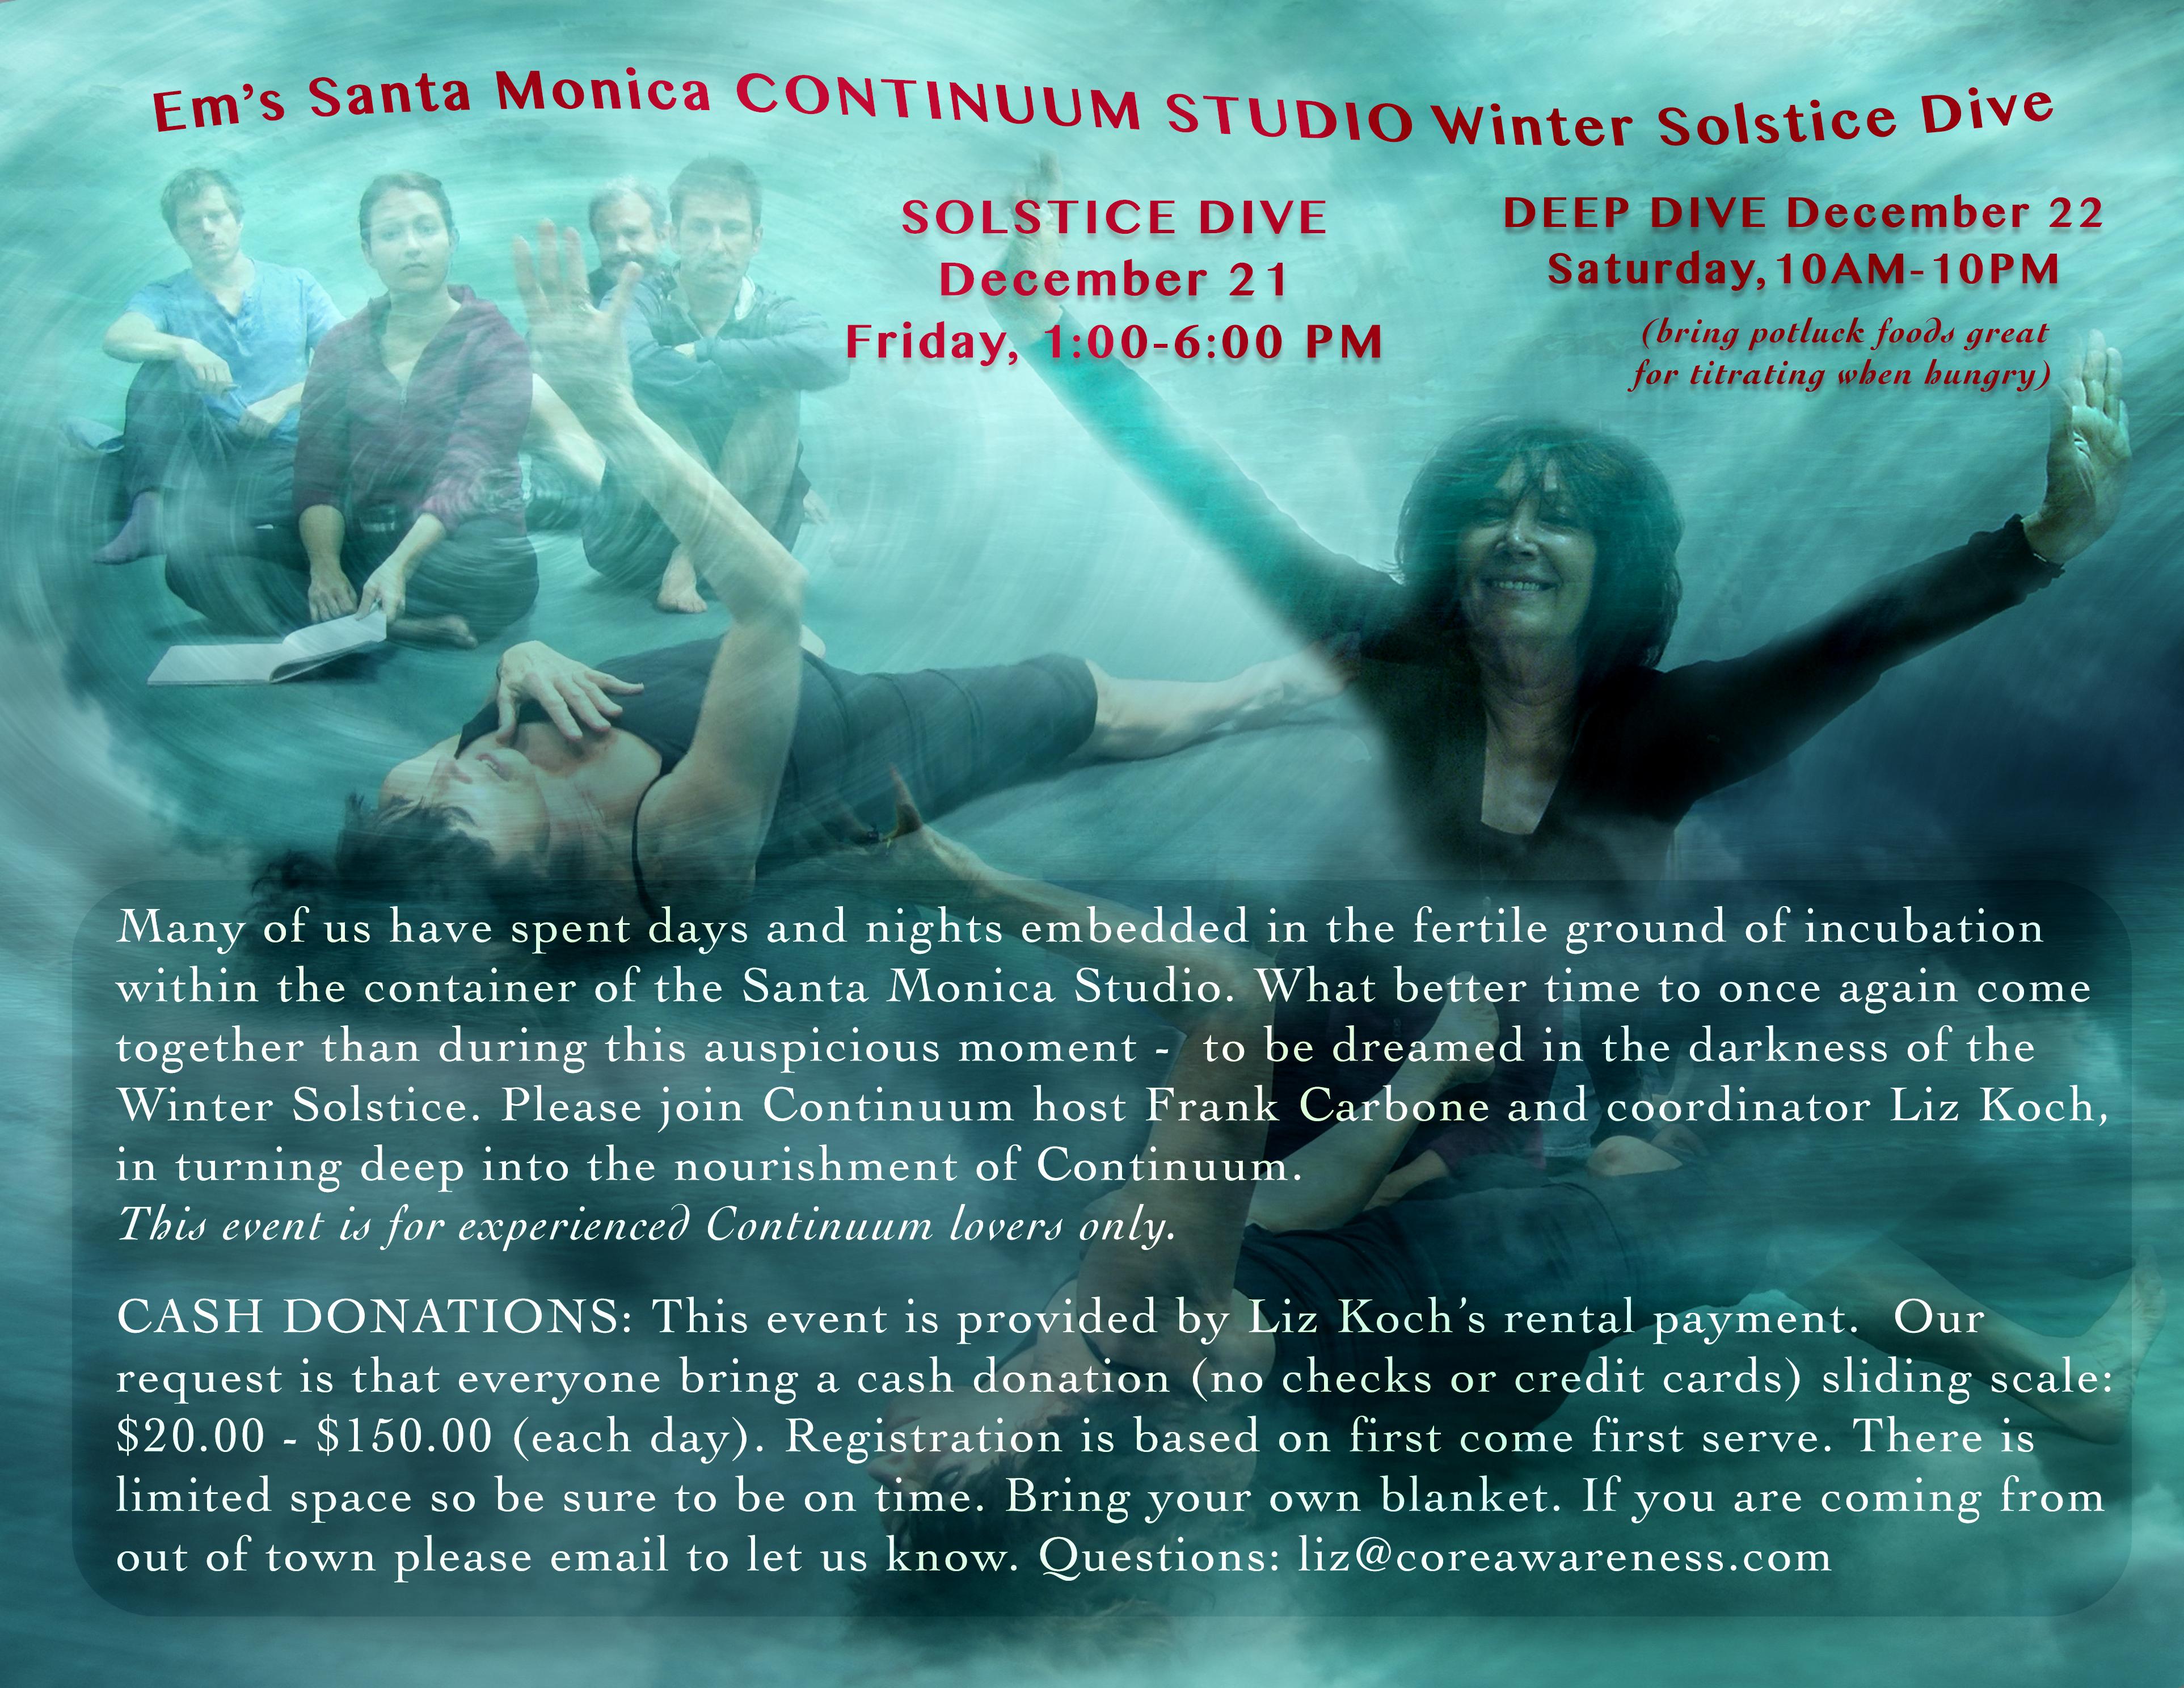 Continuum Studio Winter Solstice Dive